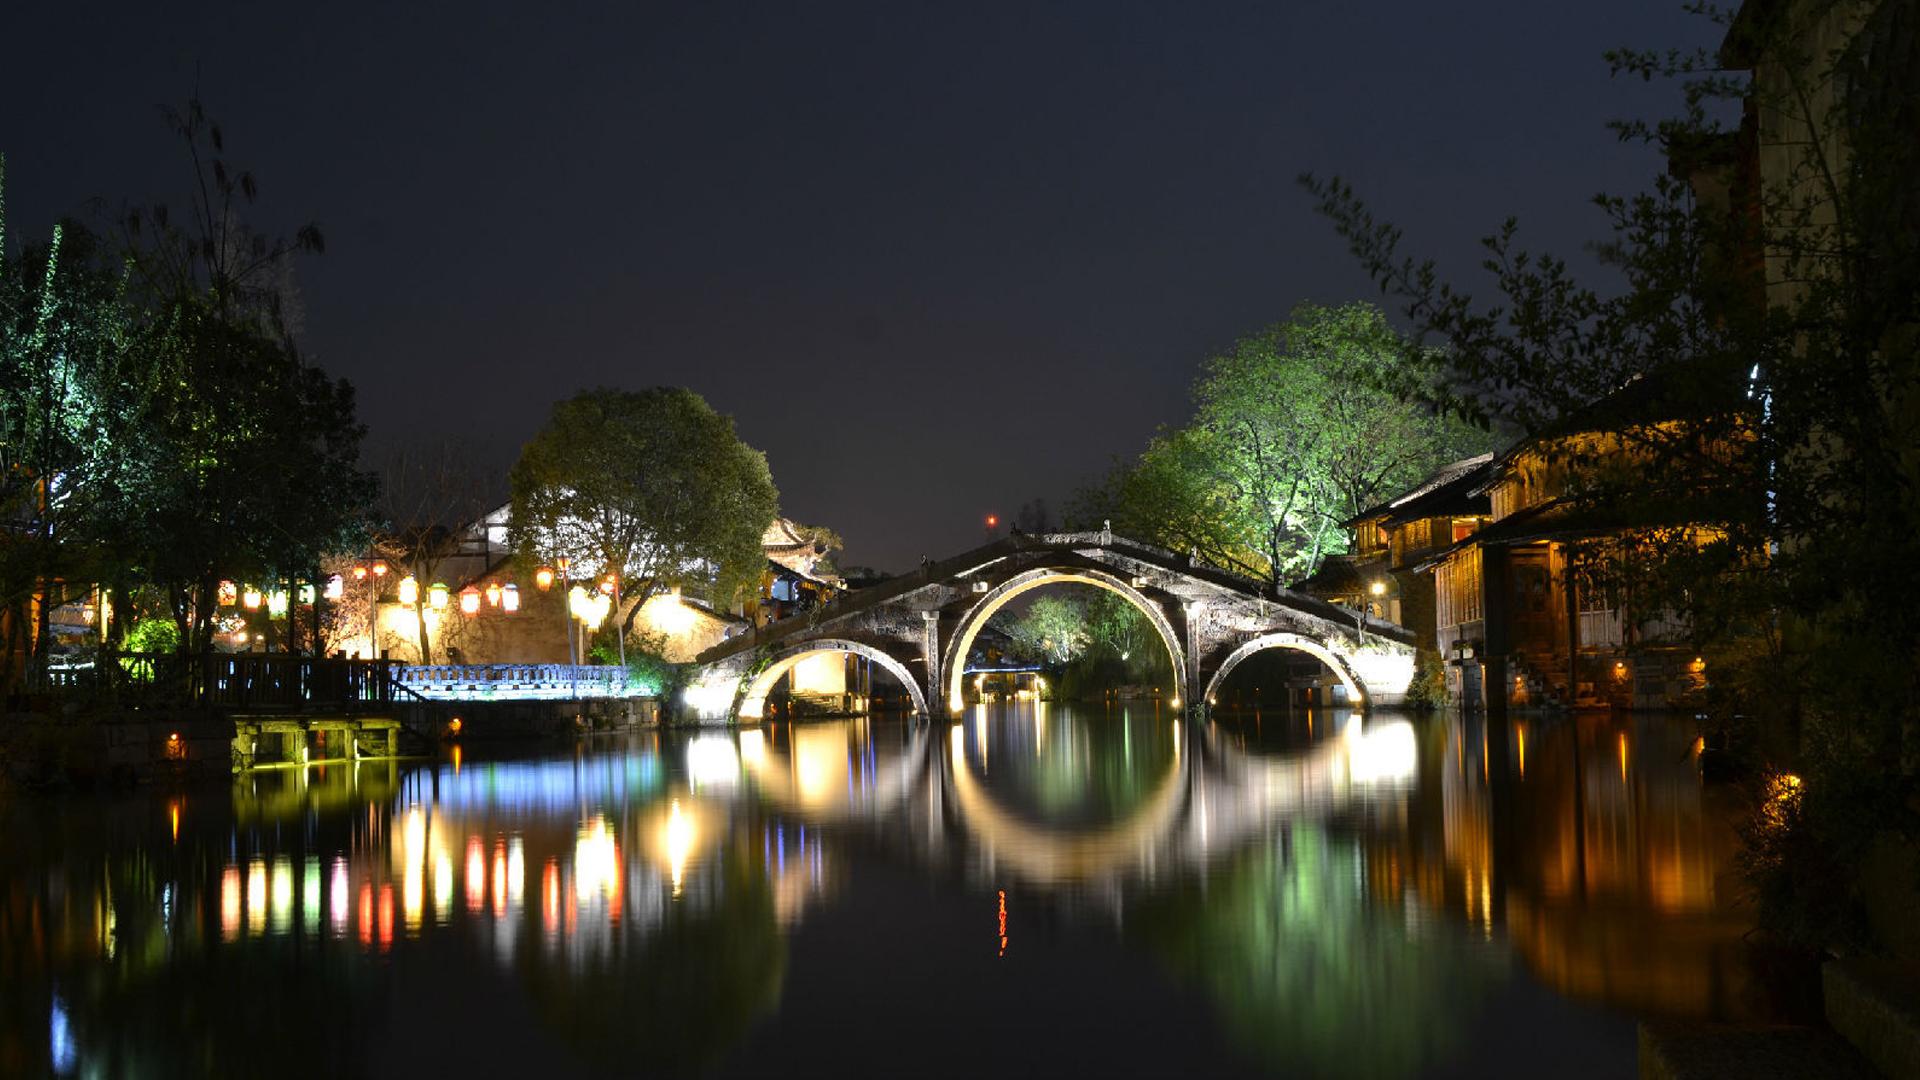 江南乌镇印象,高清壁纸,图片,时光记忆